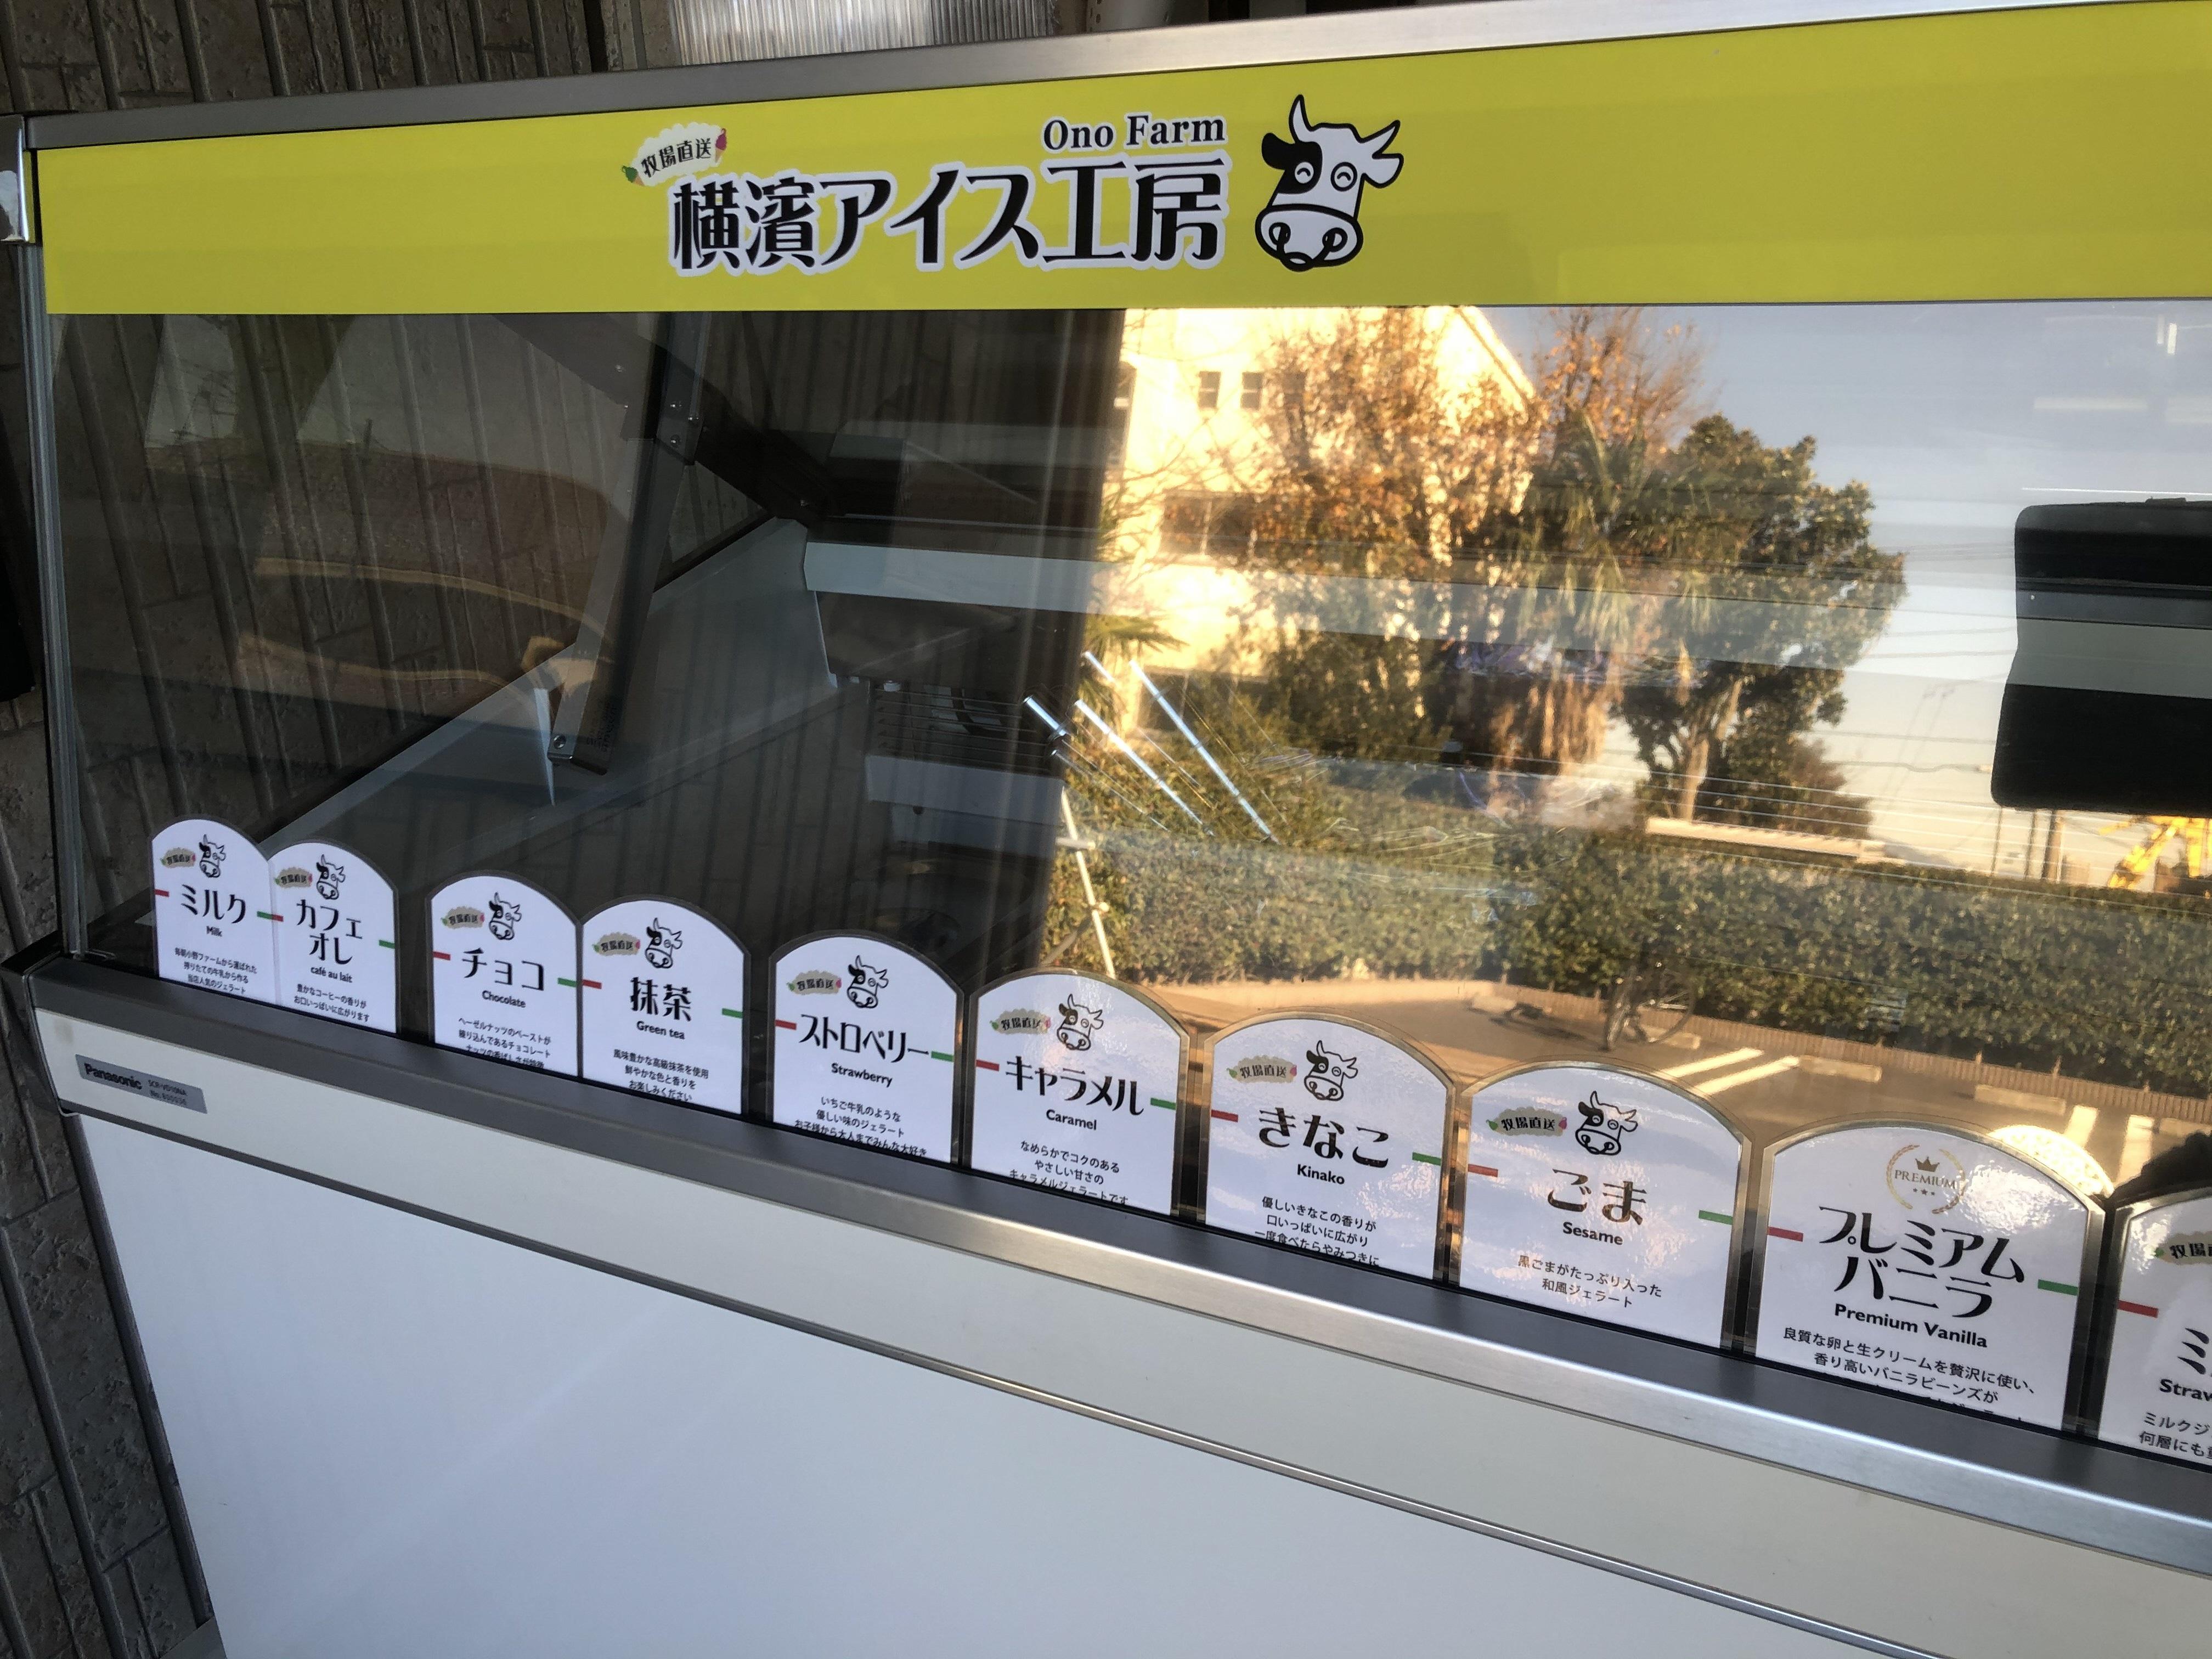 写真:横濱アイス工房 ゆめが丘店 2